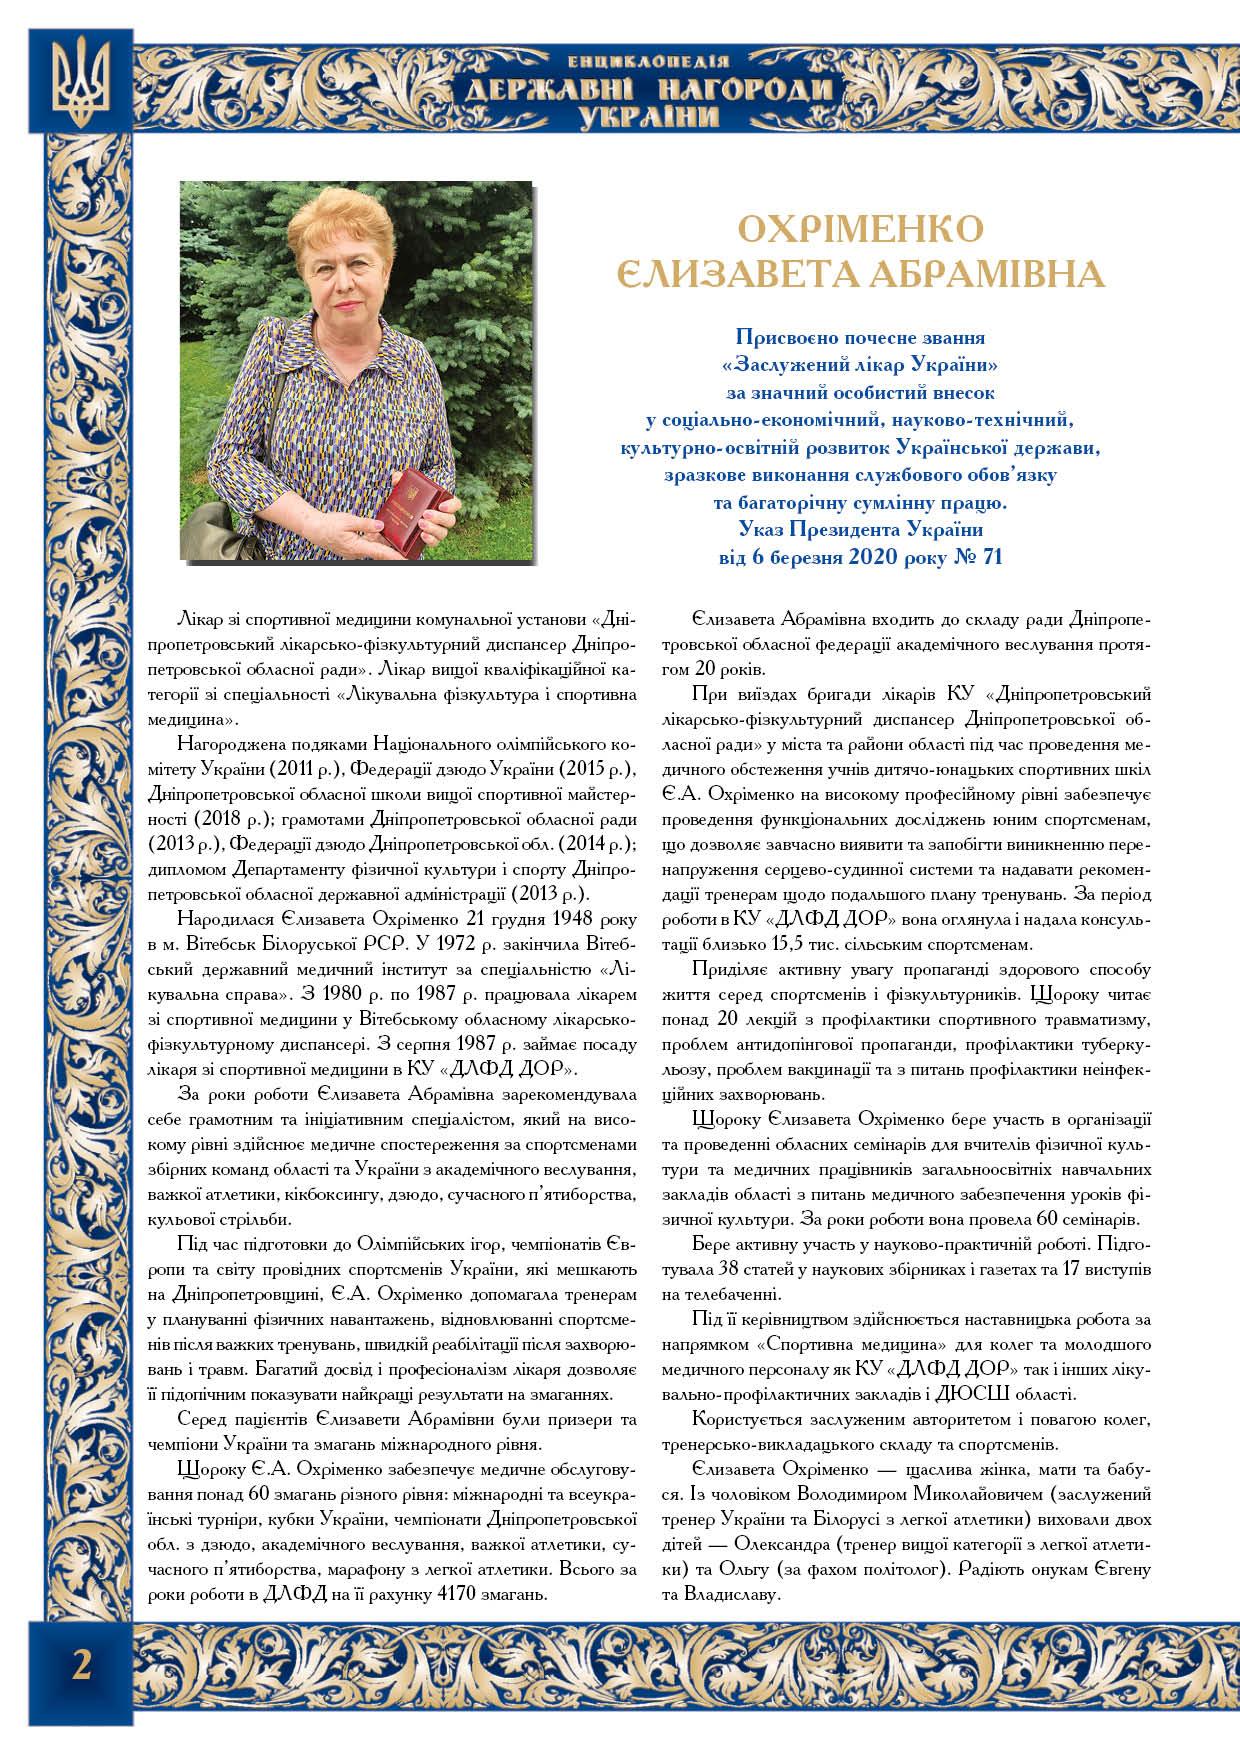 Охріменко Єлизавета Абрамівна